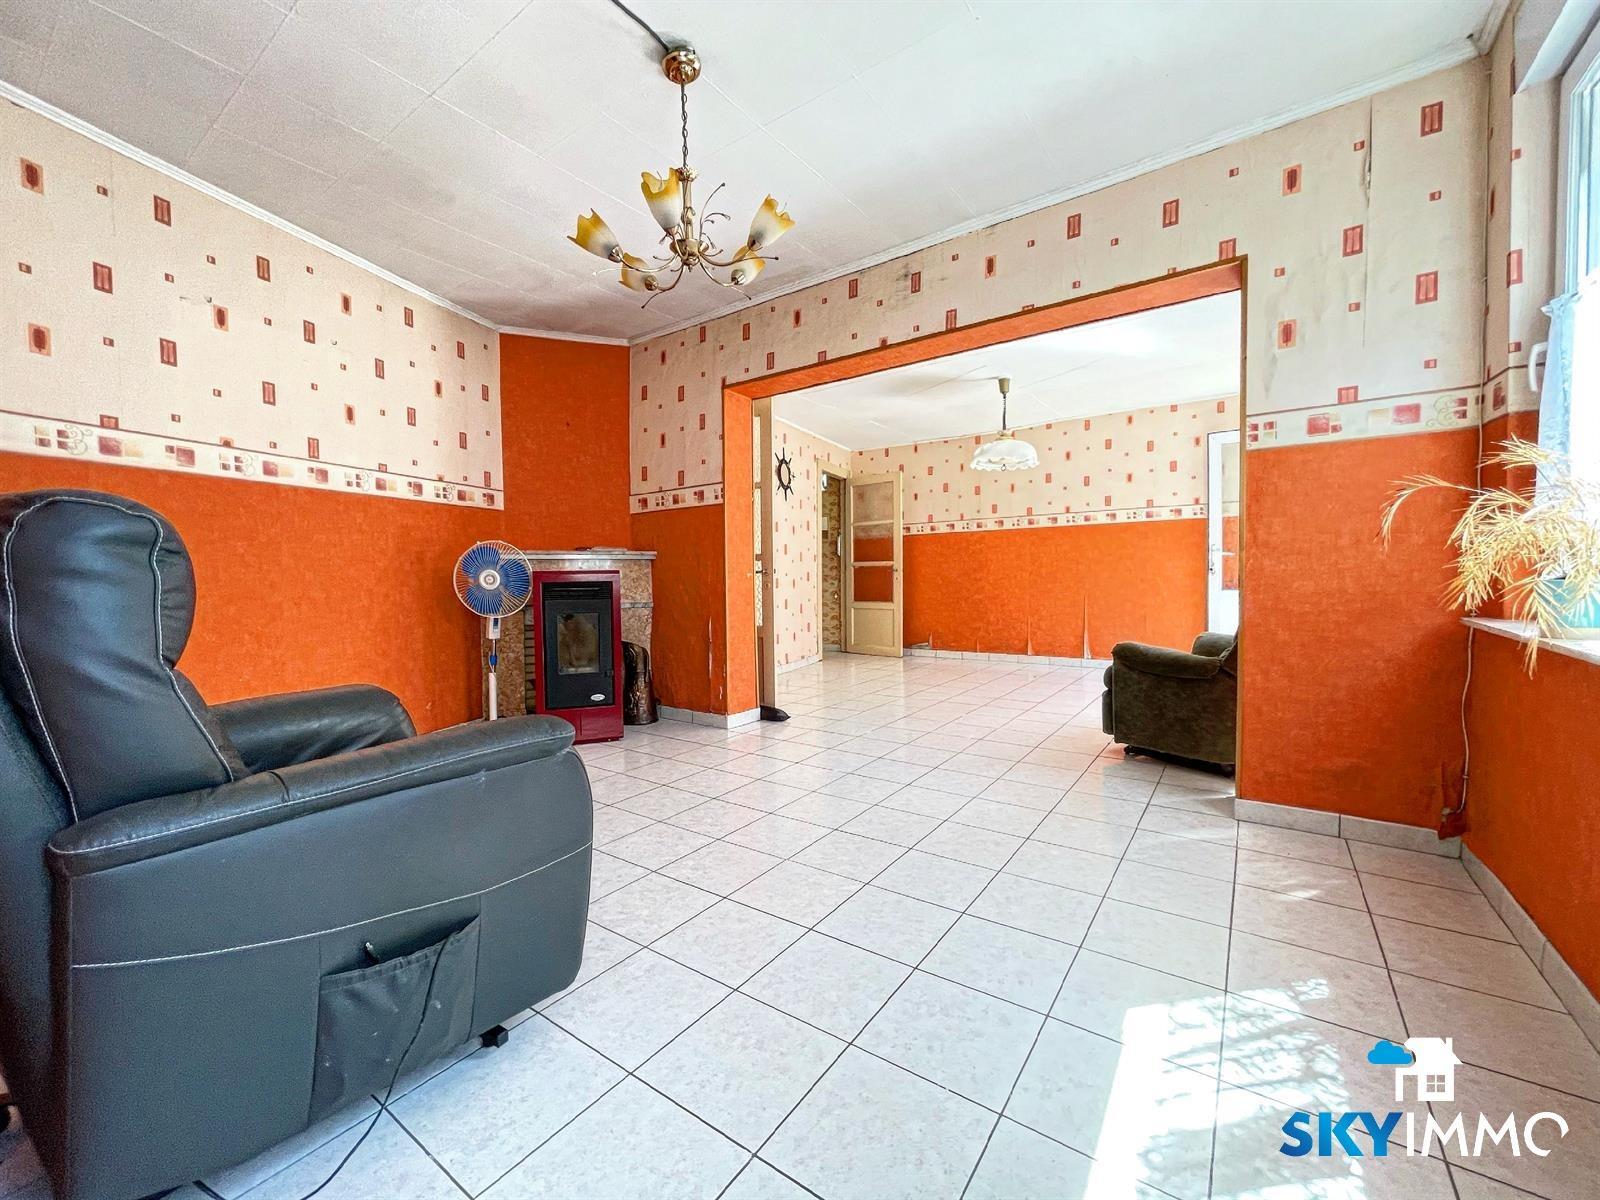 Maison - Seraing - #4381541-7